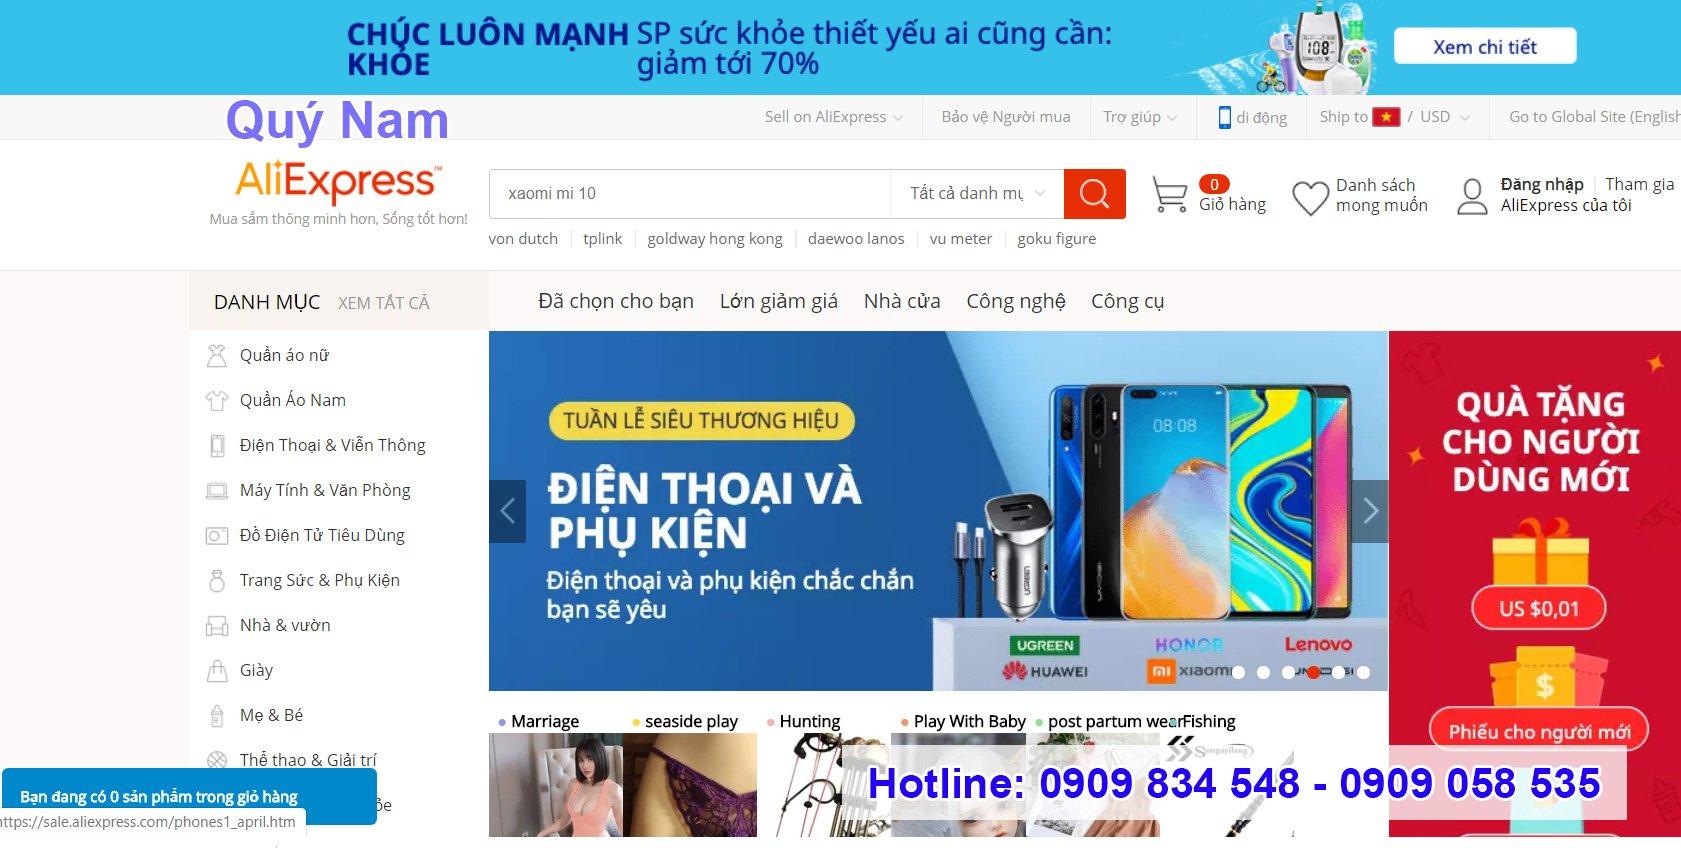 Dịch trang sang tiếng Việt với công cụ của Chrome